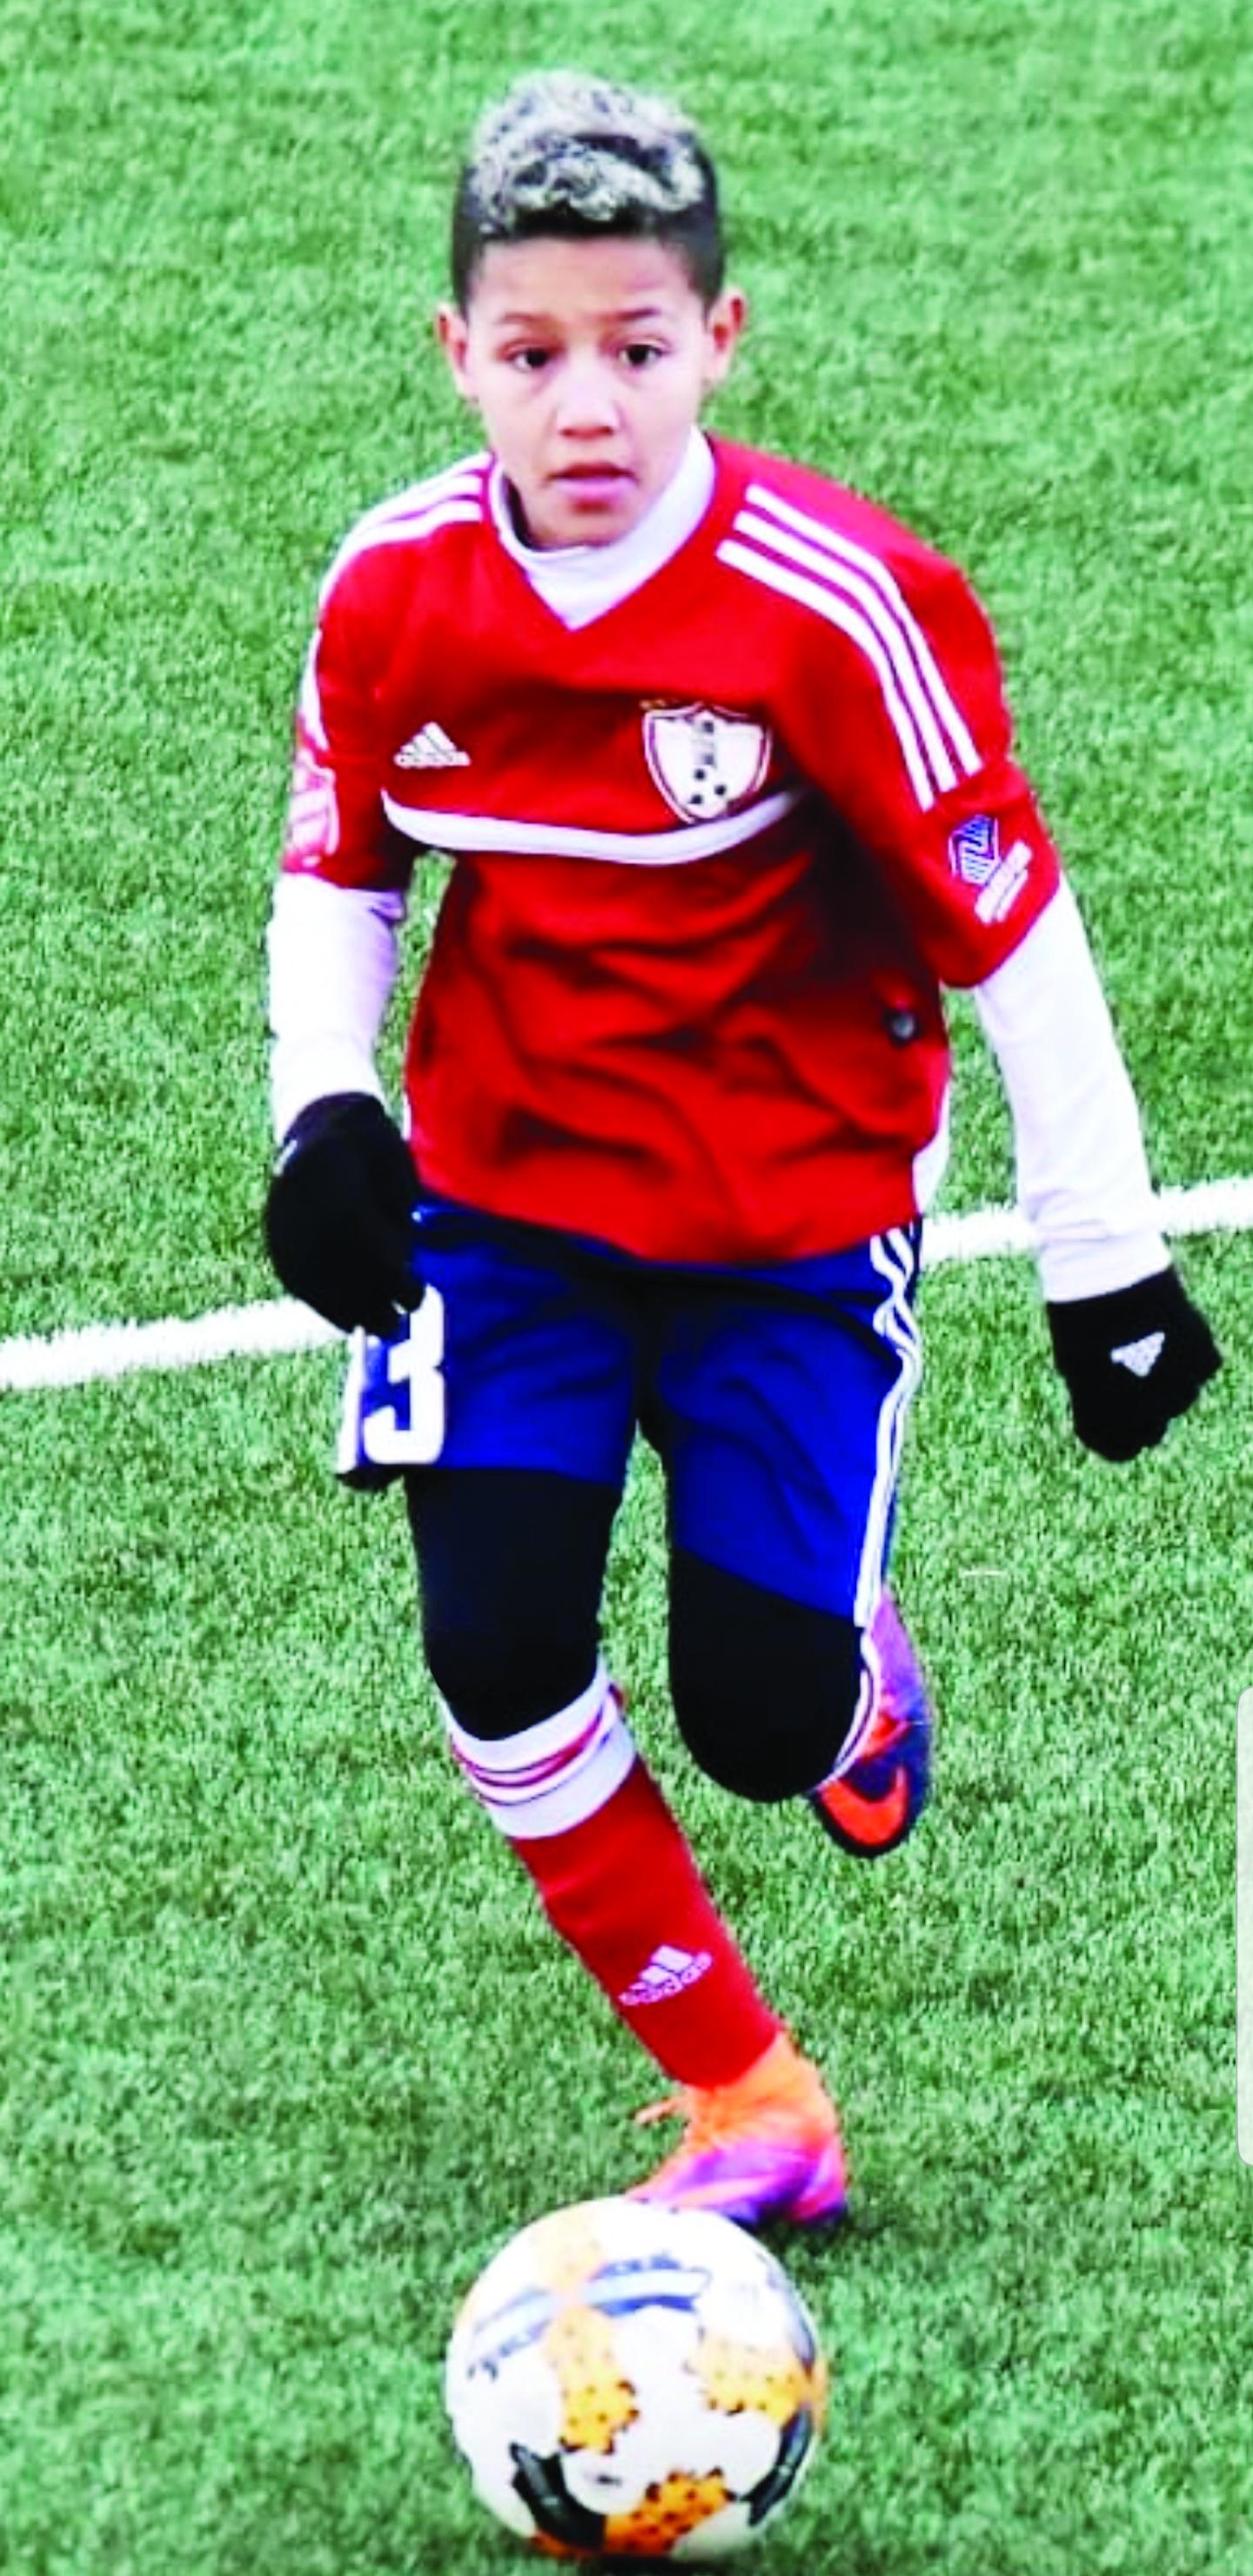 justin Brasileirinho é destaque no futebol em New Jersey